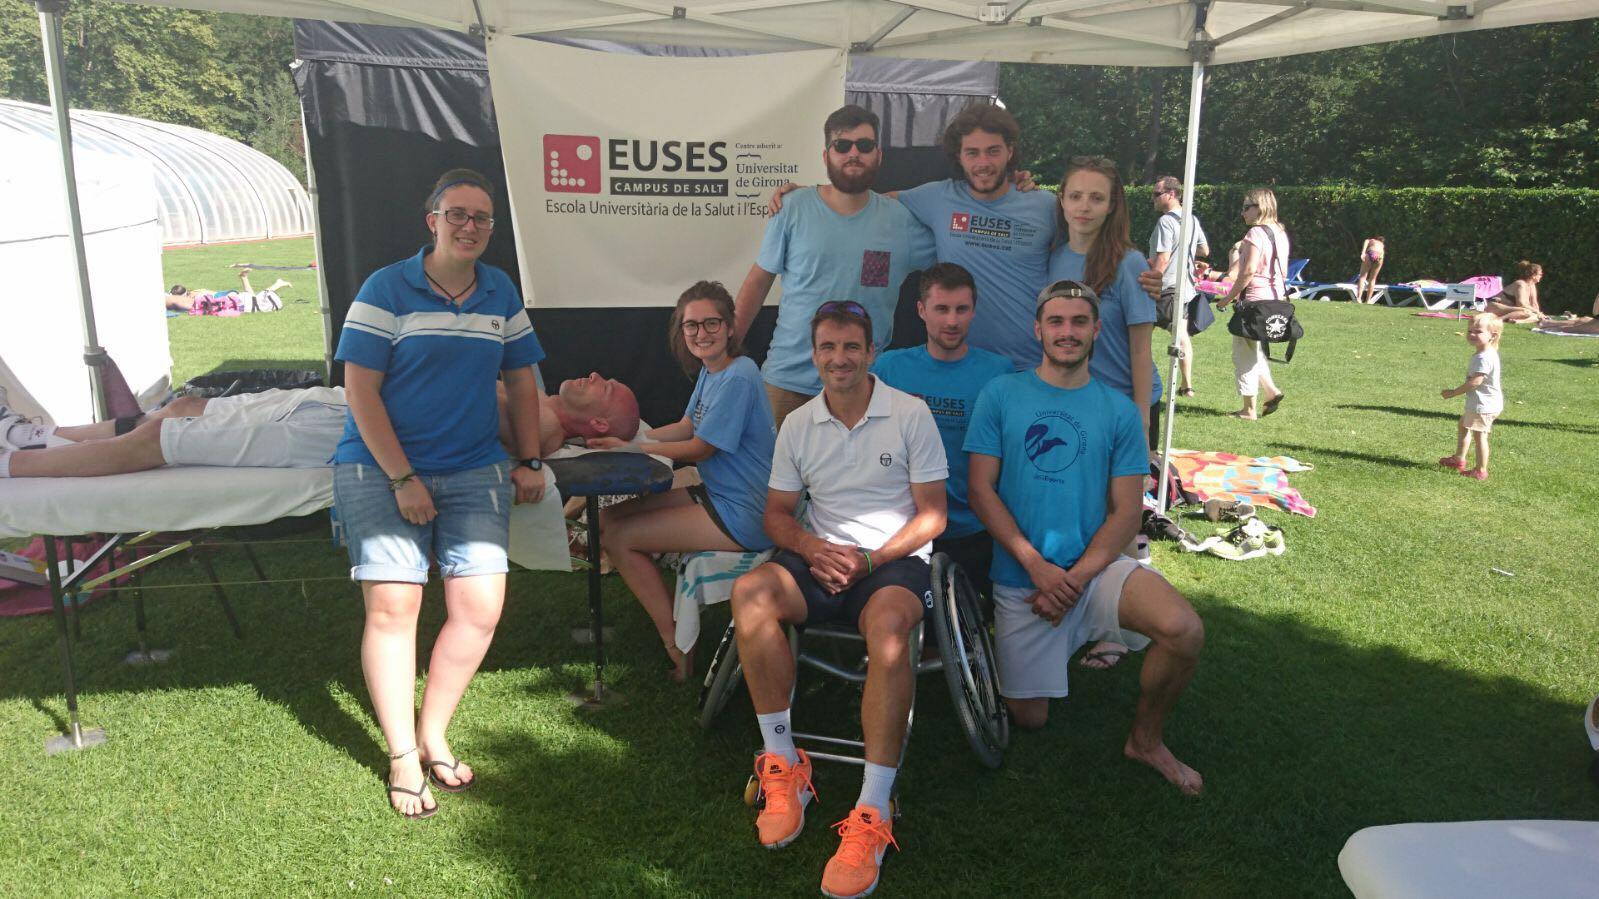 L'Escola Universitària de la Salut i l'Esport col·labora en una nova edició del Memorial Santi Silvas de tennis en cadira de rodes